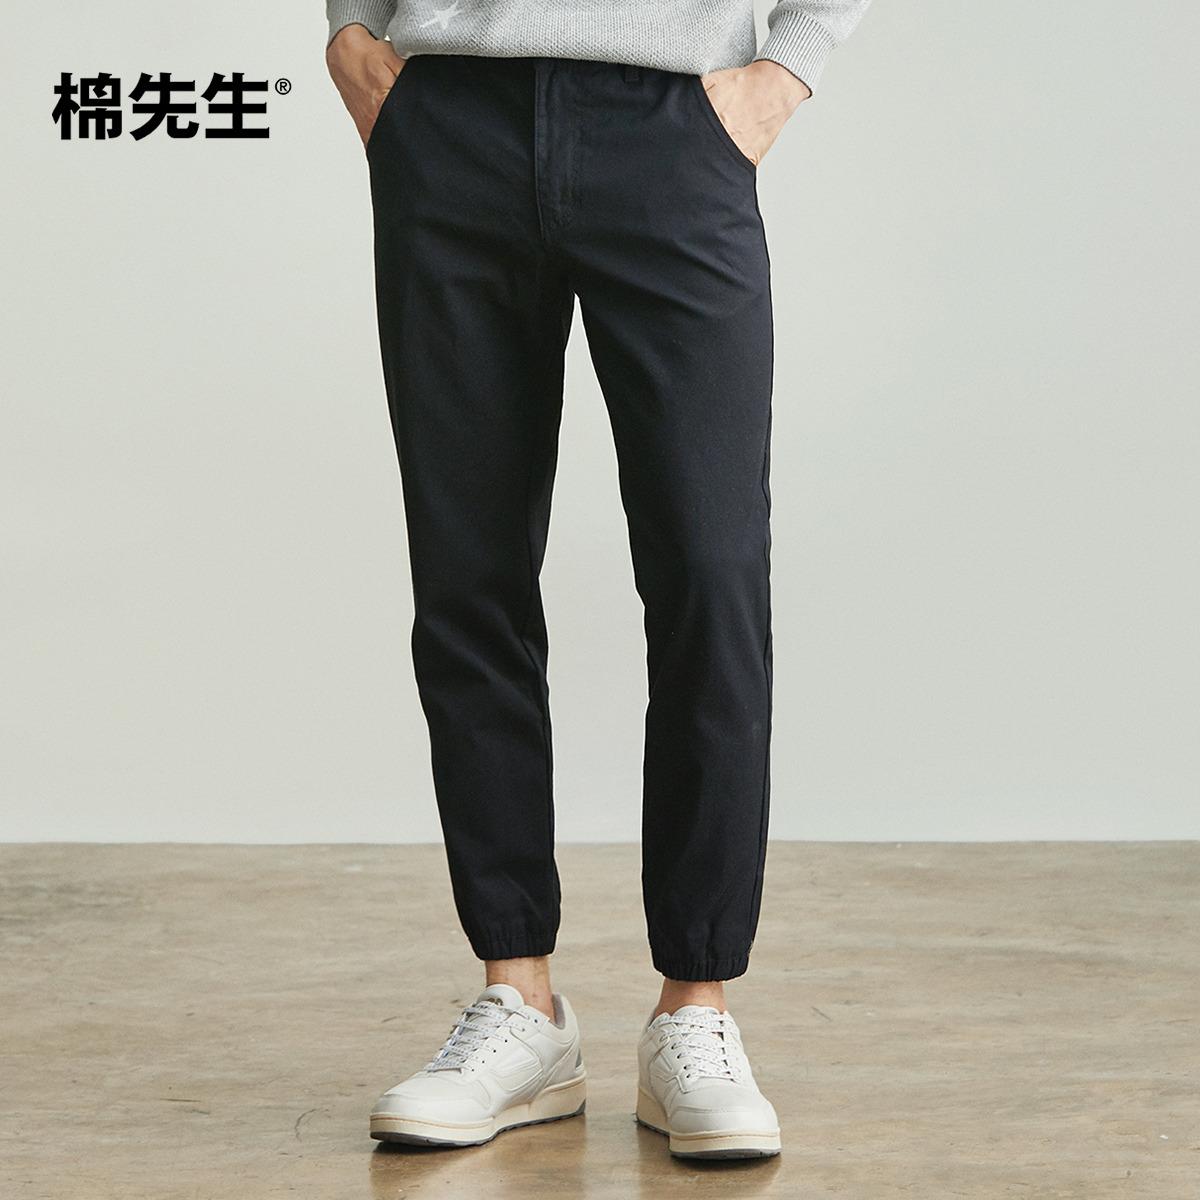 棉先生男装 秋季新款男士纯棉帆布束脚口休闲裤 纯色慢跑裤男直筒